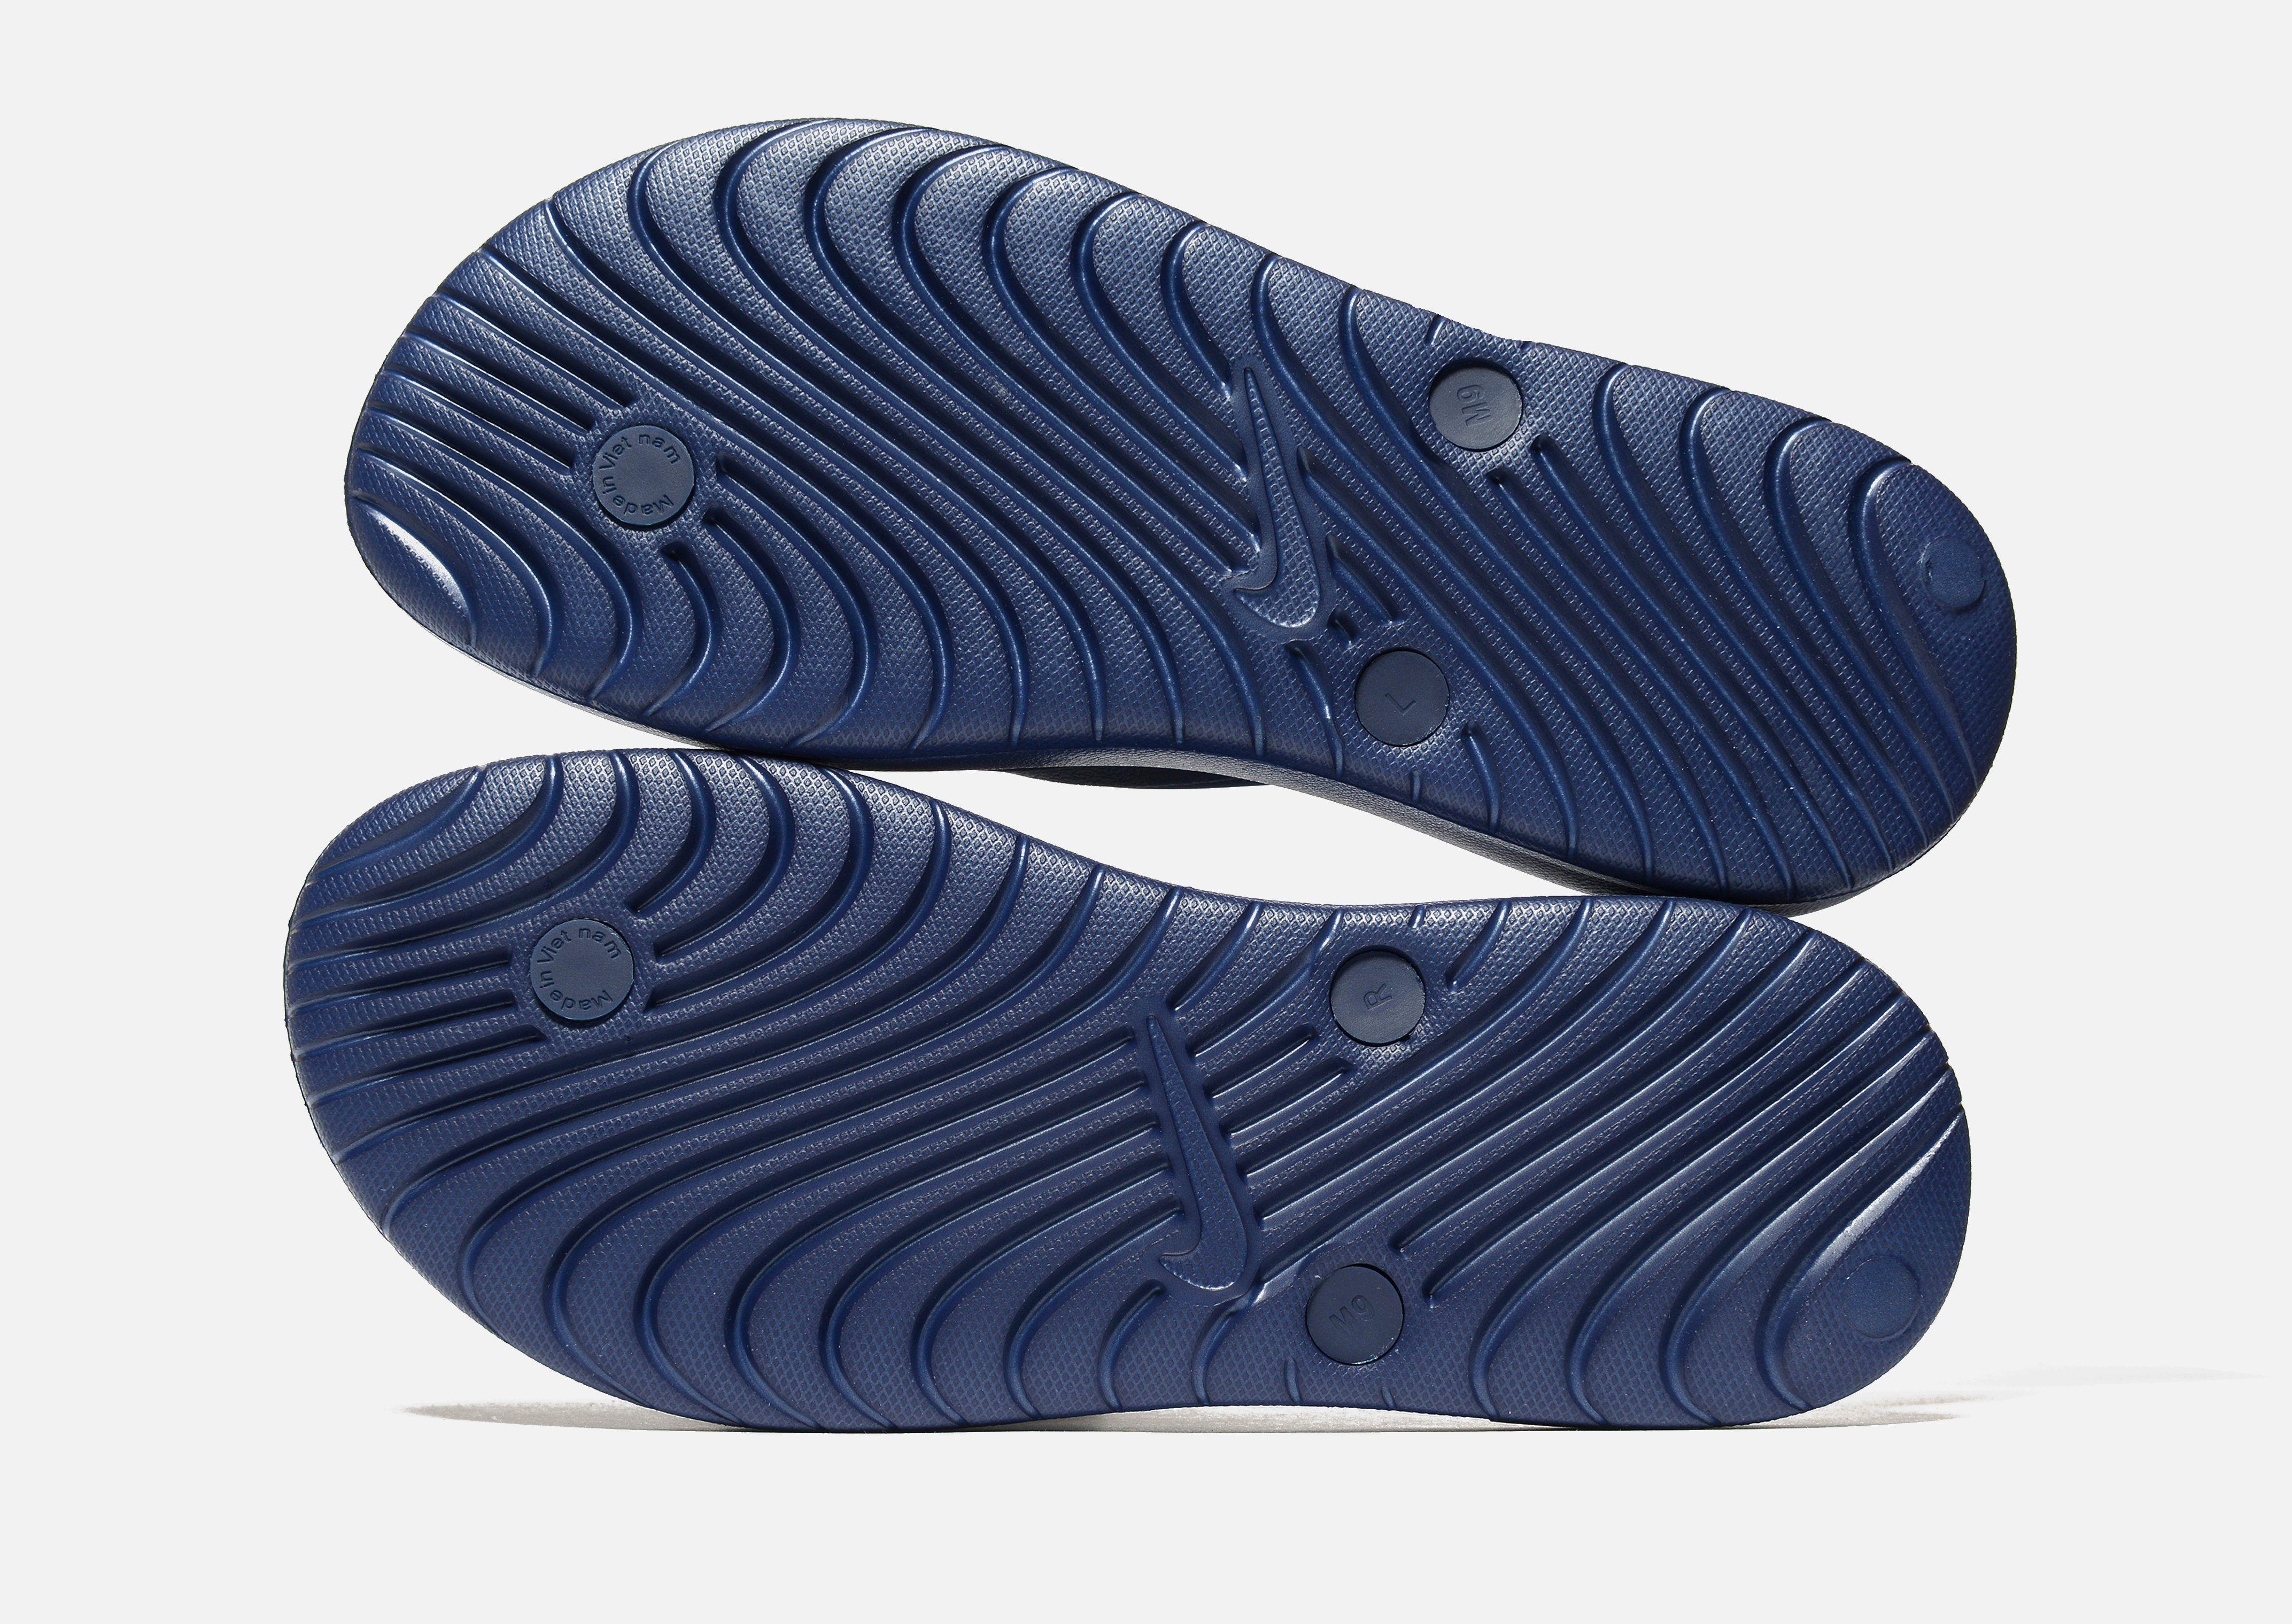 Authentischer Online-Verkauf Nike Solay Flip Flops Blau Austrittsstellen Zum Verkauf Freies Verschiffen Neuestes In Deutschland Günstig Online Rabatt Beliebt 9EpxZ